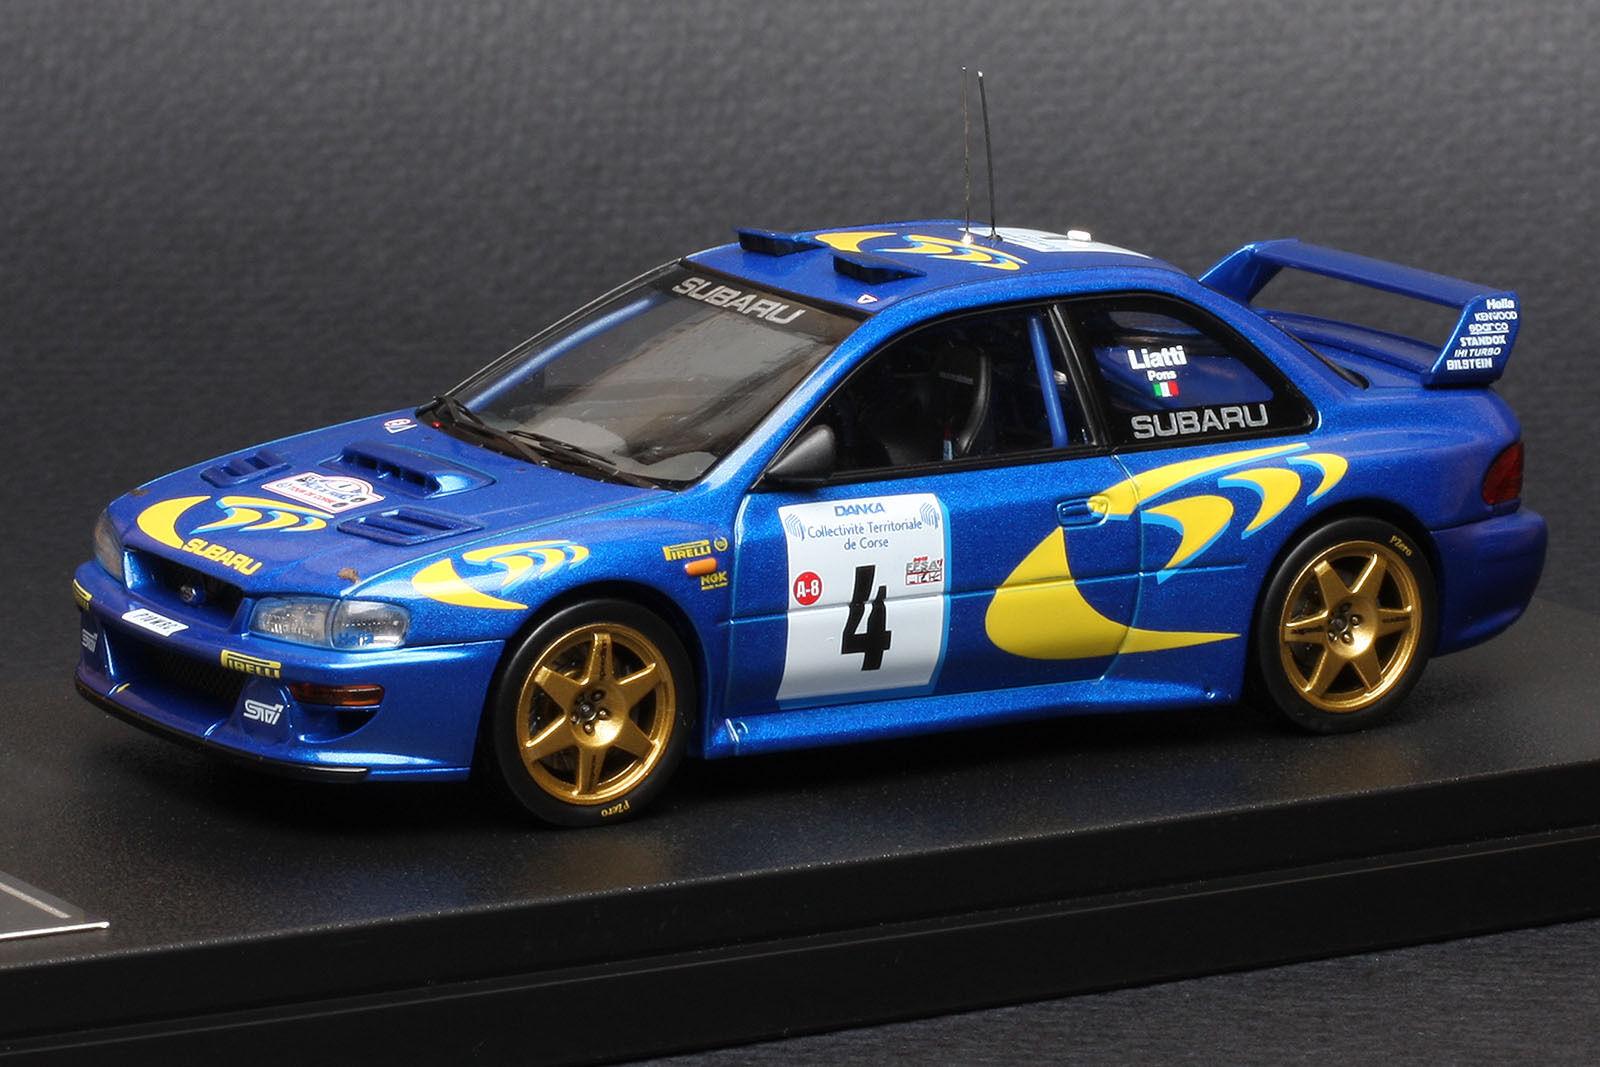 Subaru Impreza  4 1997 TOUR DE CORSE  Piero Liatti  -- HPI  8596 1 43